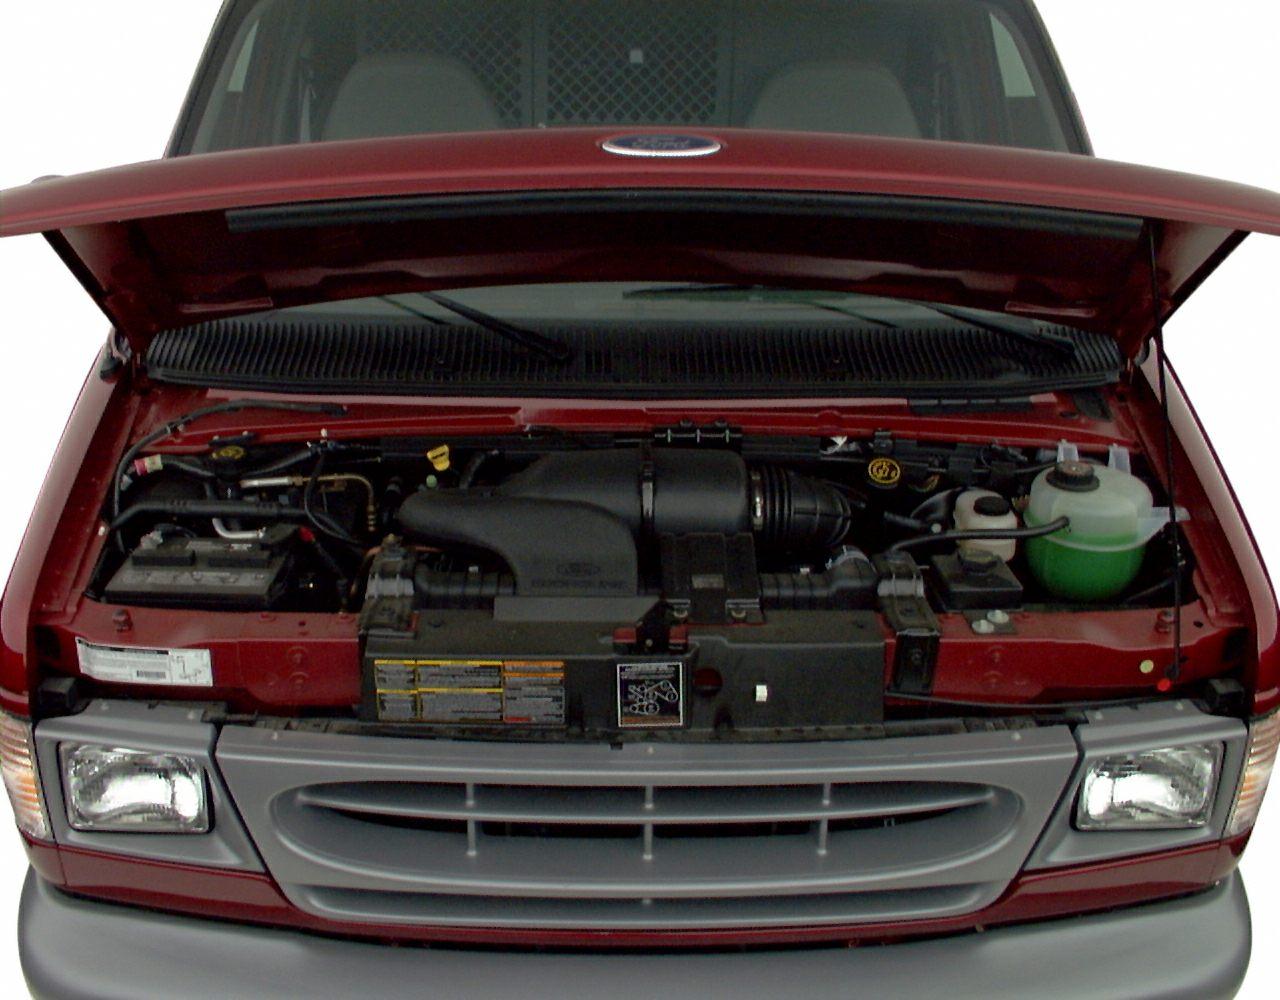 2000 Ford E-250 Exterior Photo